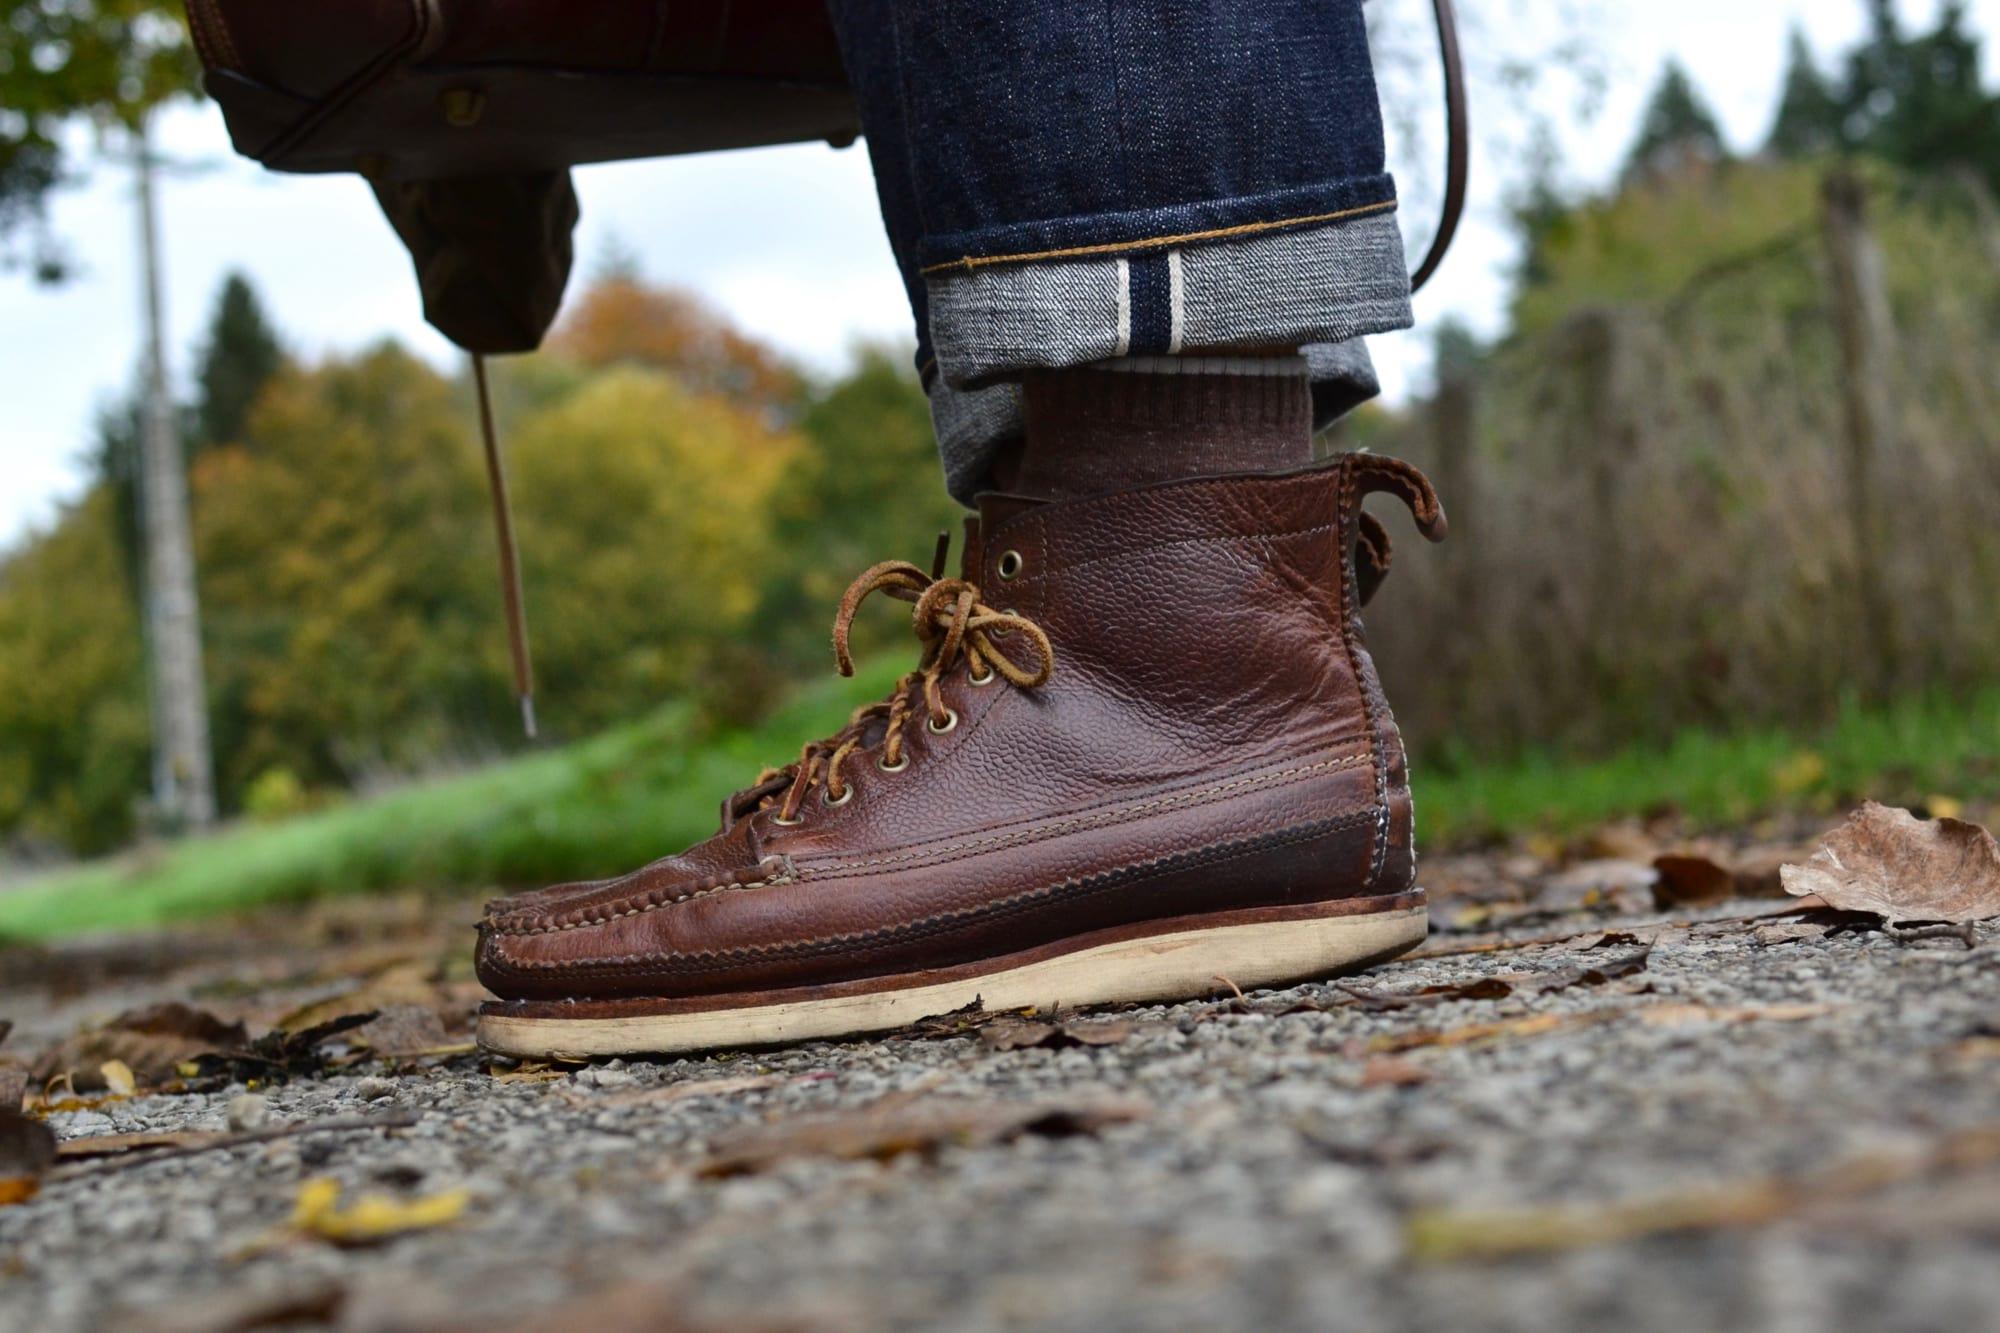 comment porter un jean brut selvedge 16oz comme le Phi denim dans un style street heritage workwear et à associer avec des Yuketen Main Guide en cuir marron boots à vibram soles